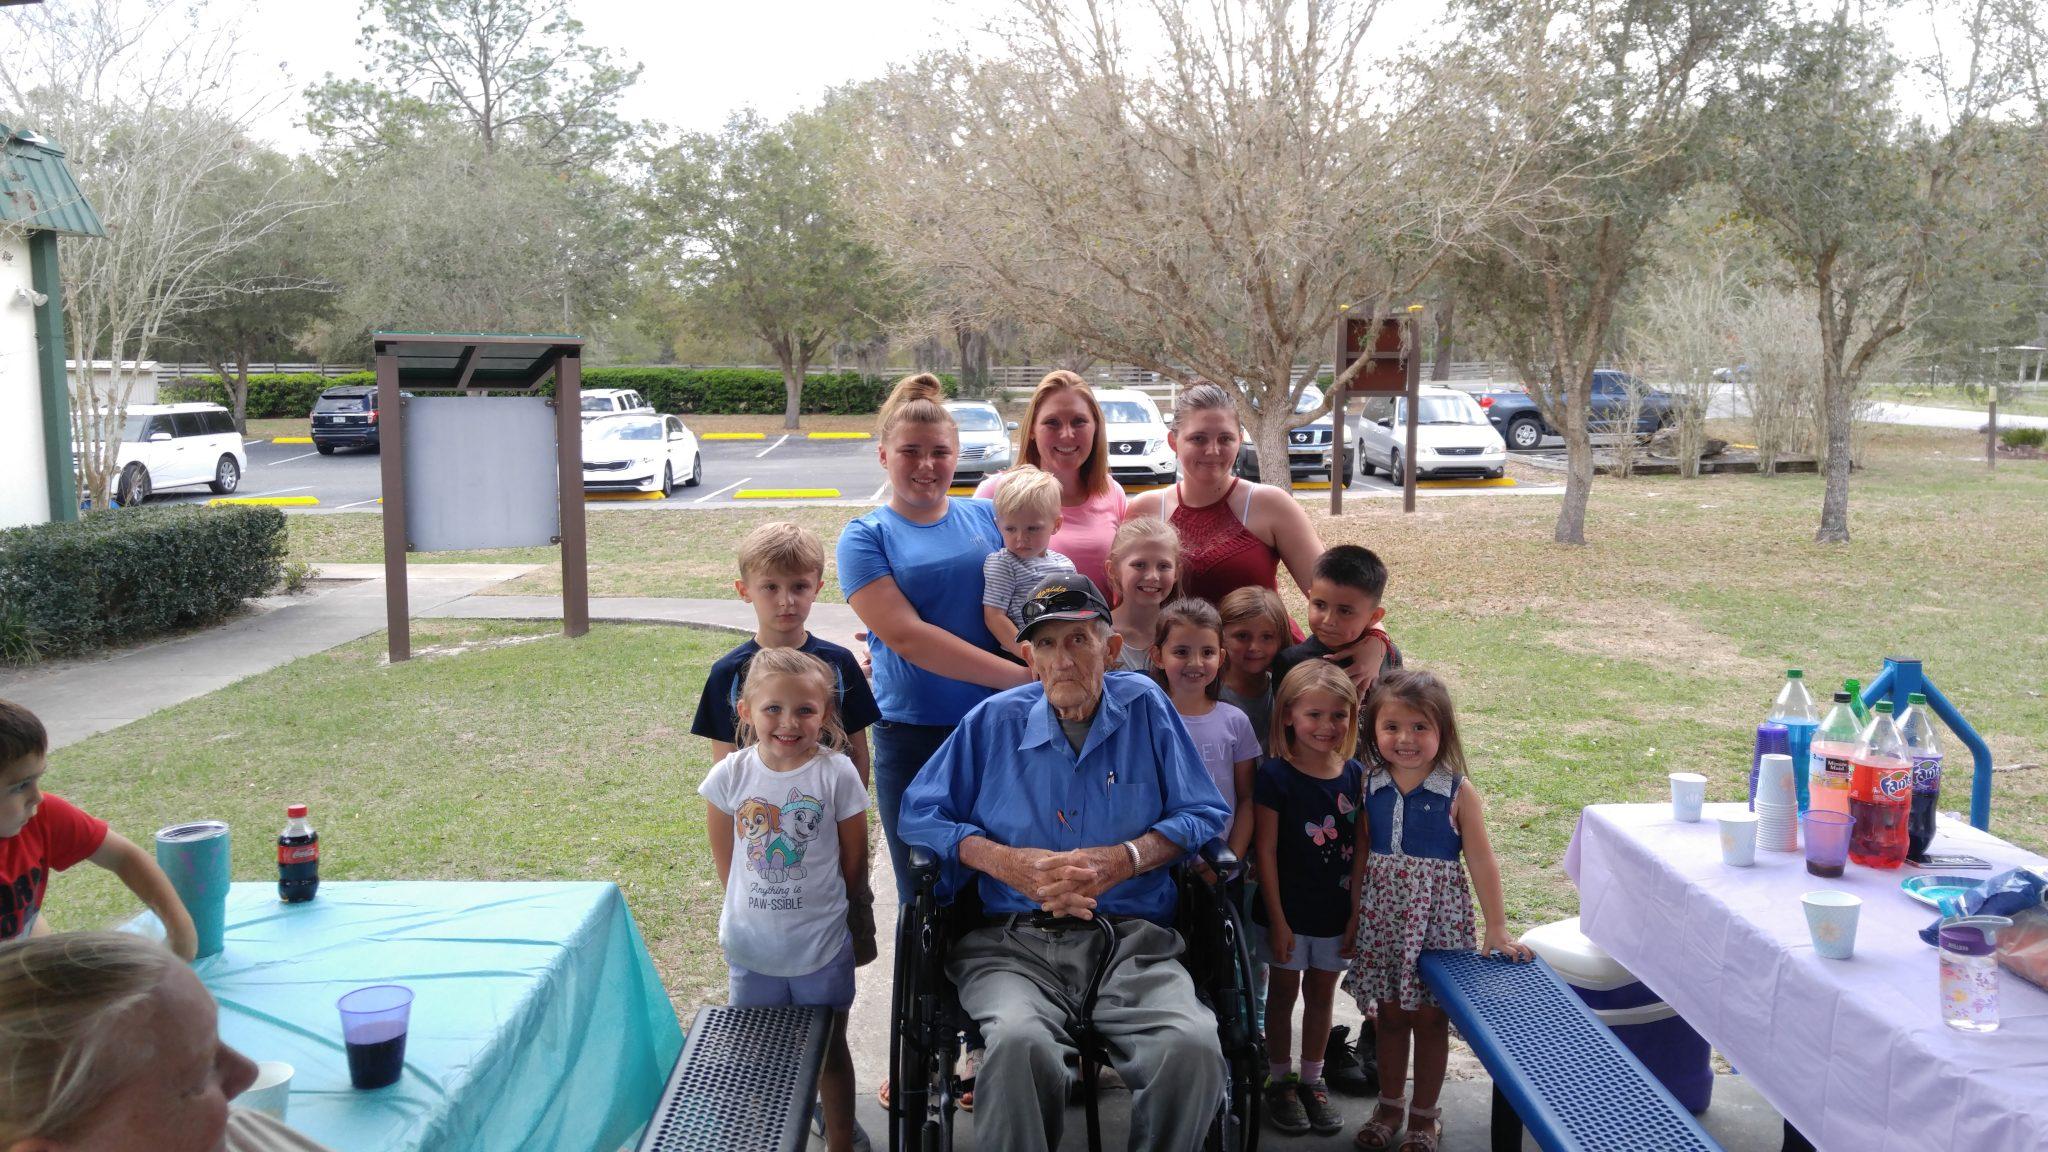 Grandchildren and great Grandchildren